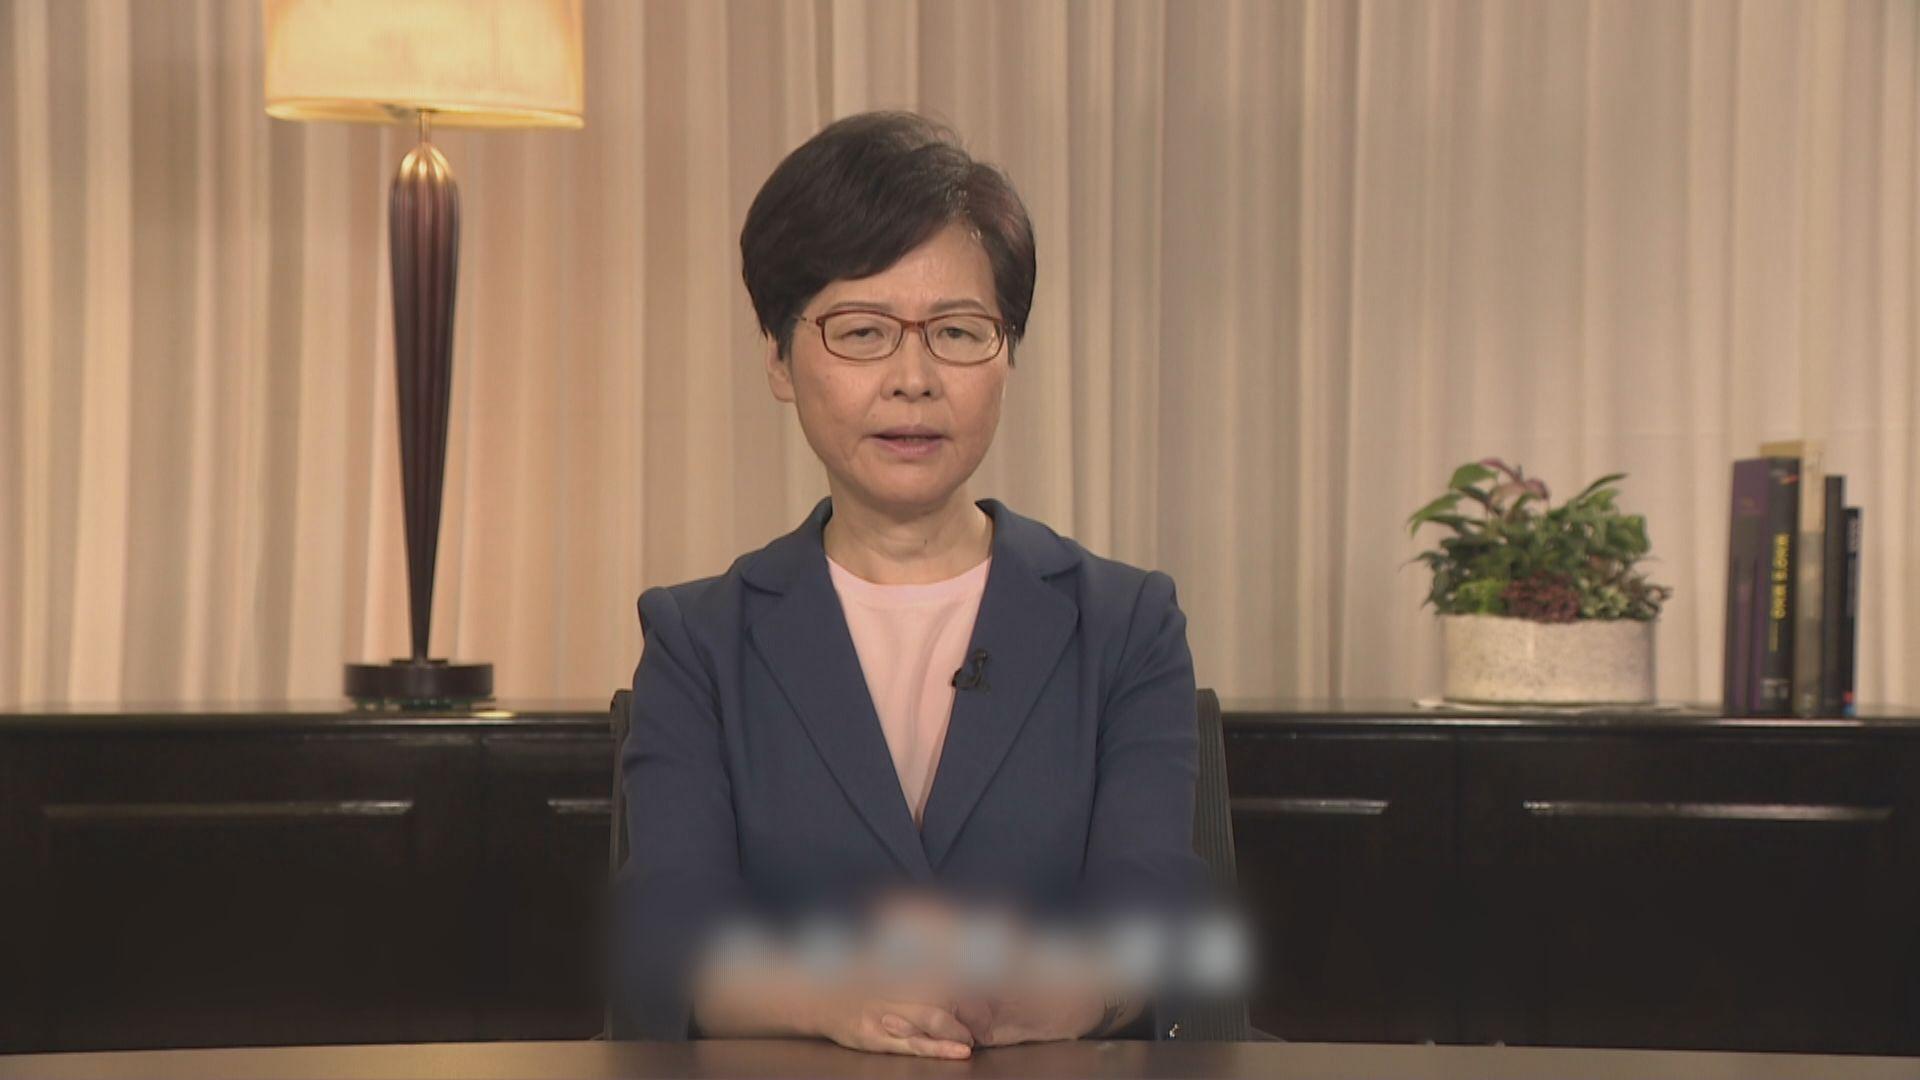 林鄭︰撤回修例成立委員會檢討深層次問題